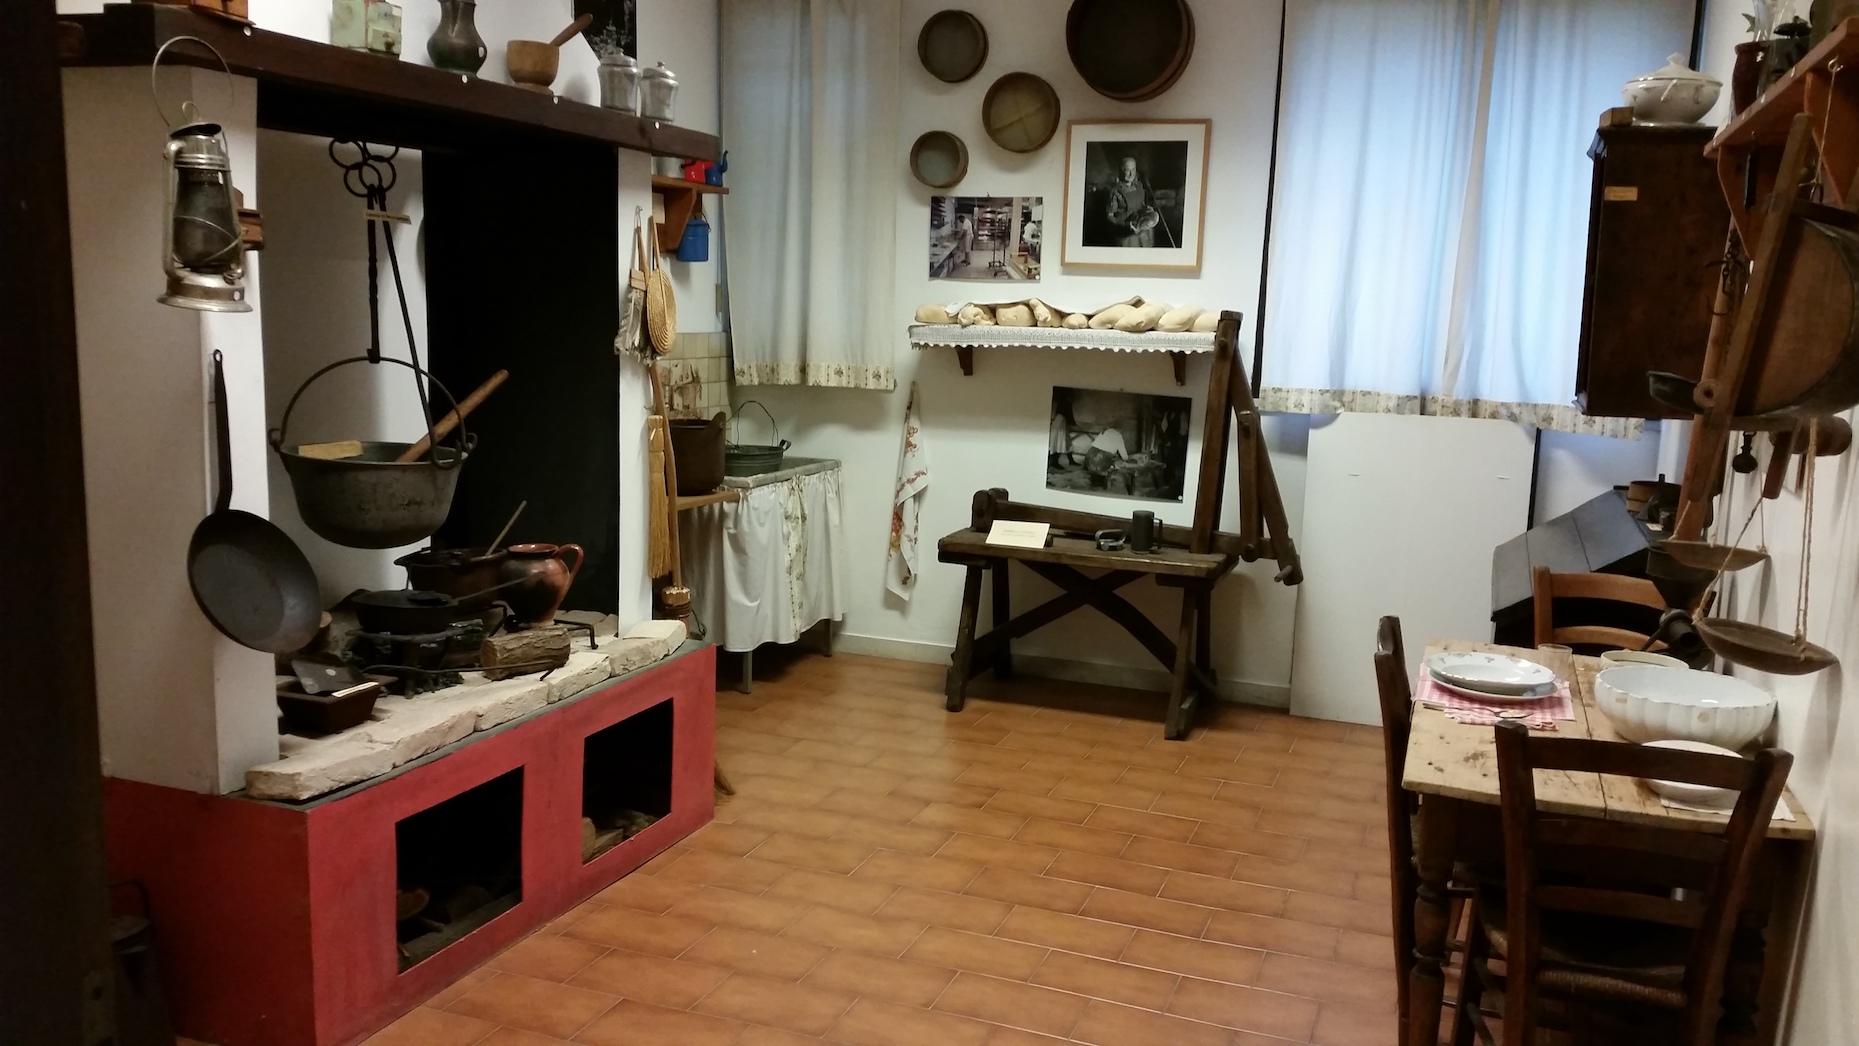 Ricostruzione della cucina con focolare